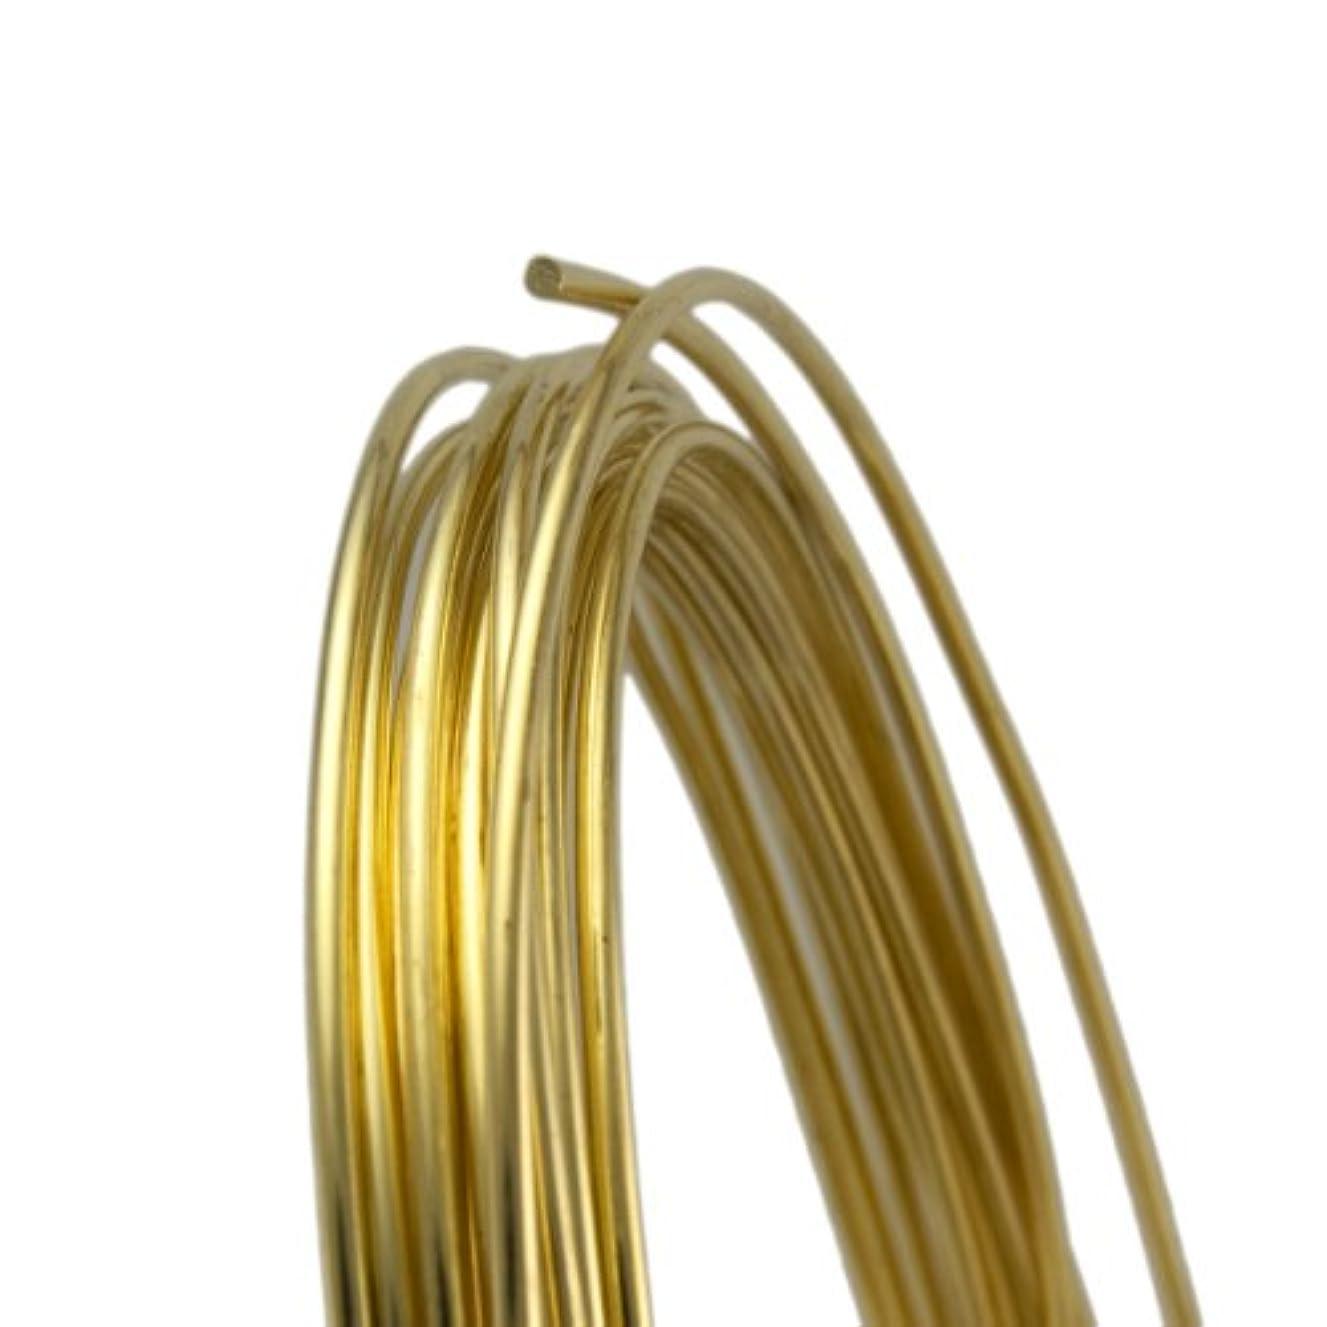 20 Gauge Round Half Hard Yellow Brass Wire - 5FT